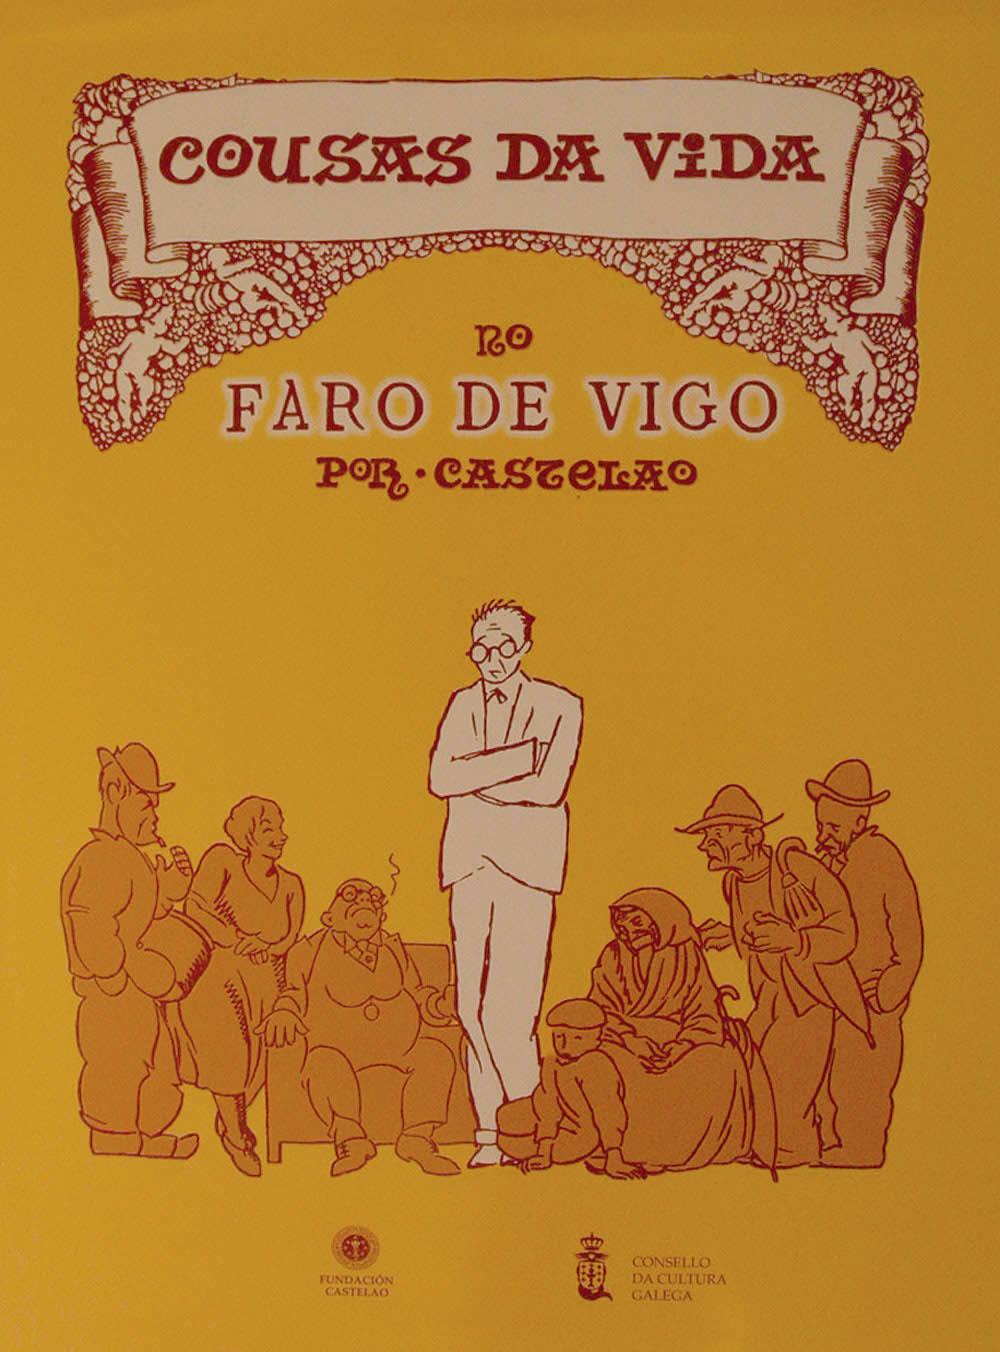 Portada de  Cousas da vida no Faro de Vigo (1926-1933) [Cartoné]